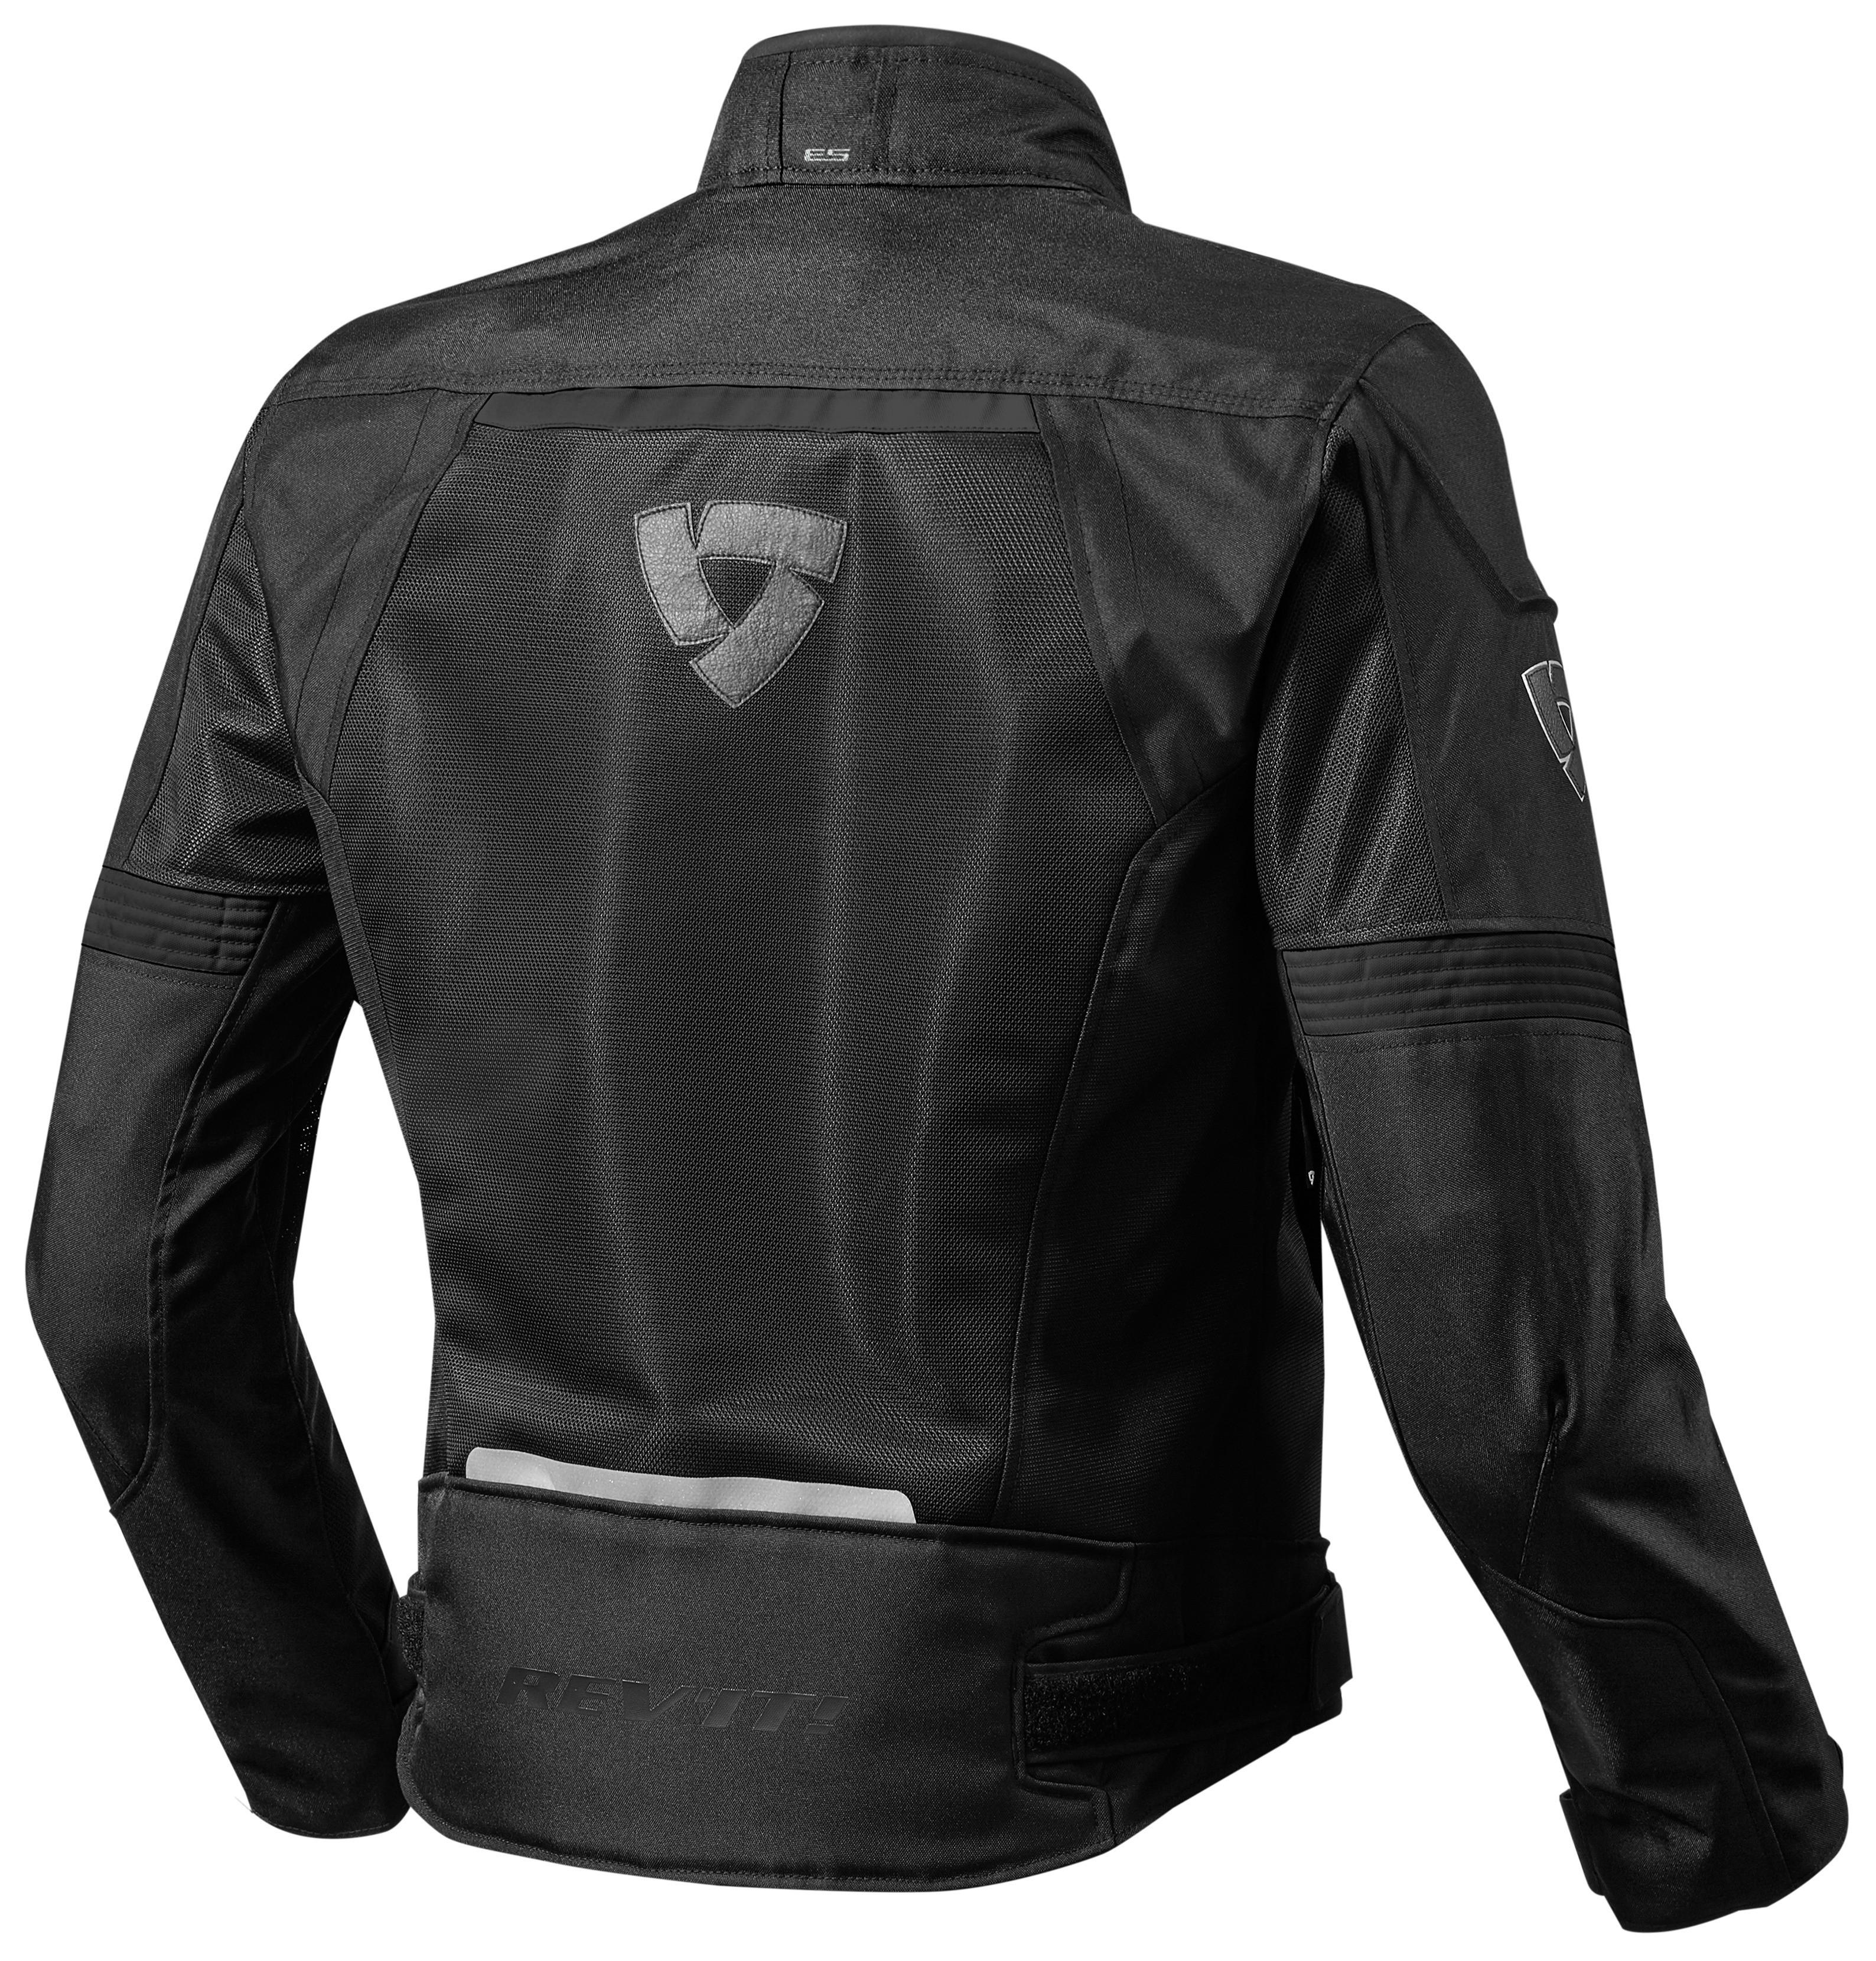 comprare popolare 23166 9540a Giacca moto estiva Rev'it Airwave 2 nera